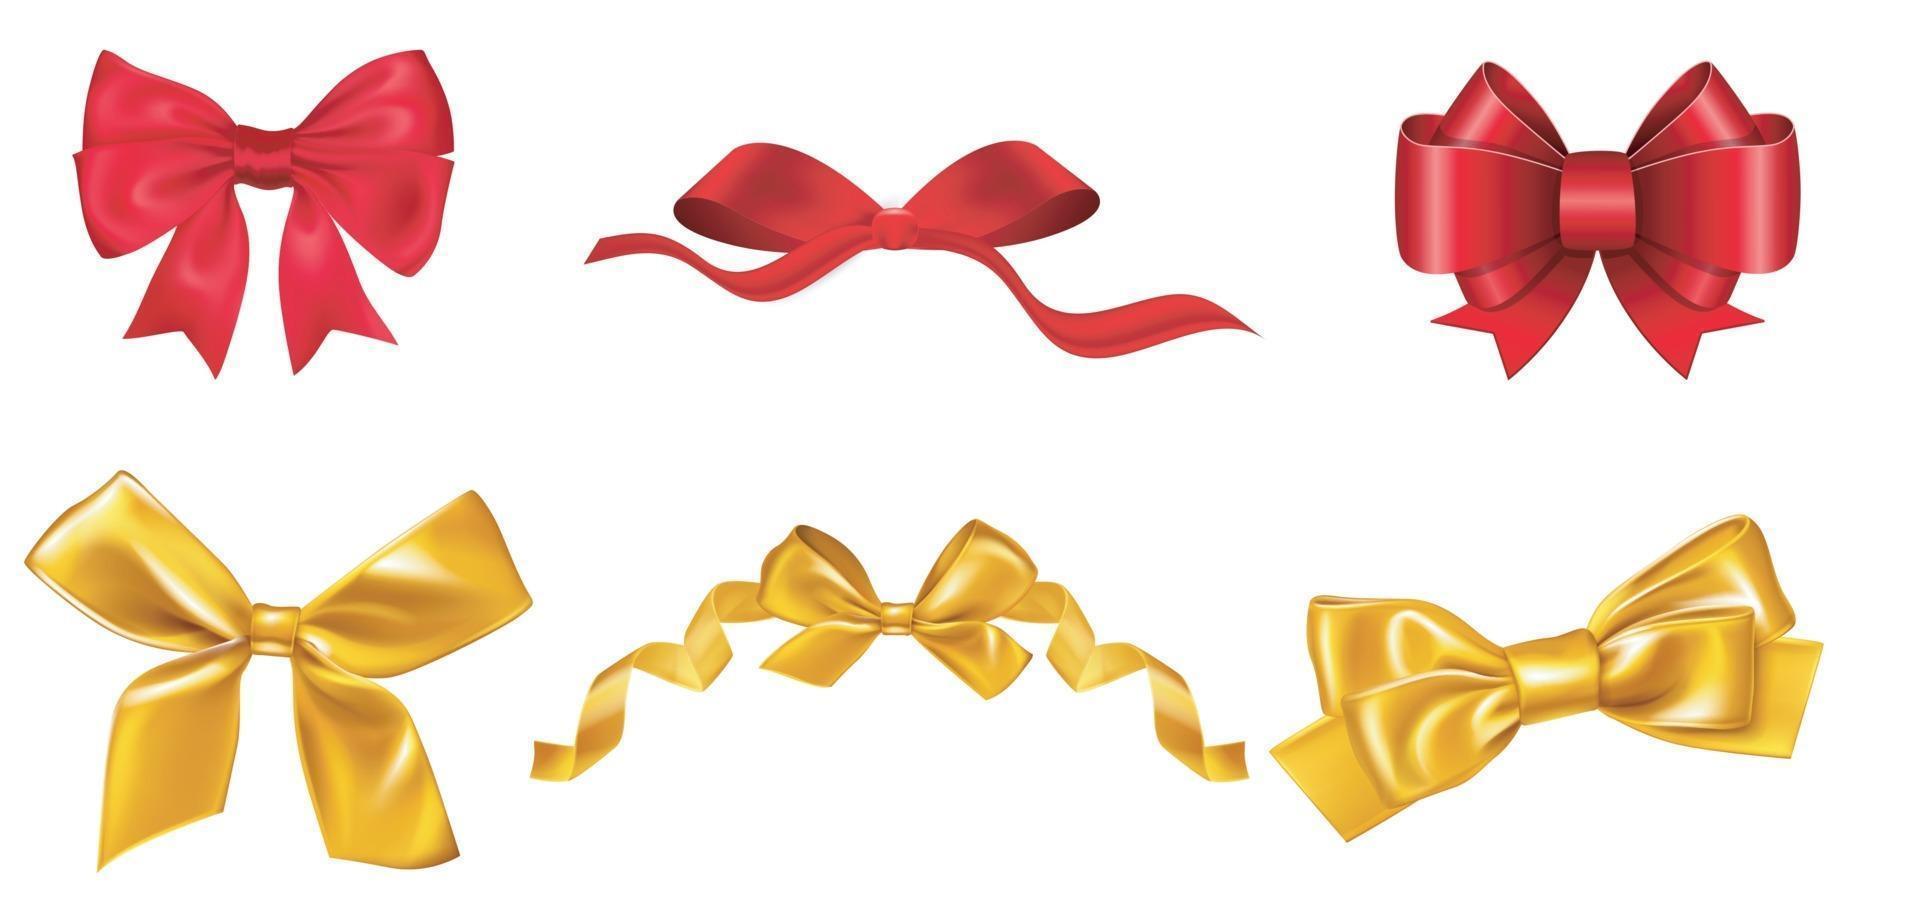 großes Set von roten und dicken Geschenkbögen mit Bändern. Vektorillustration vektor